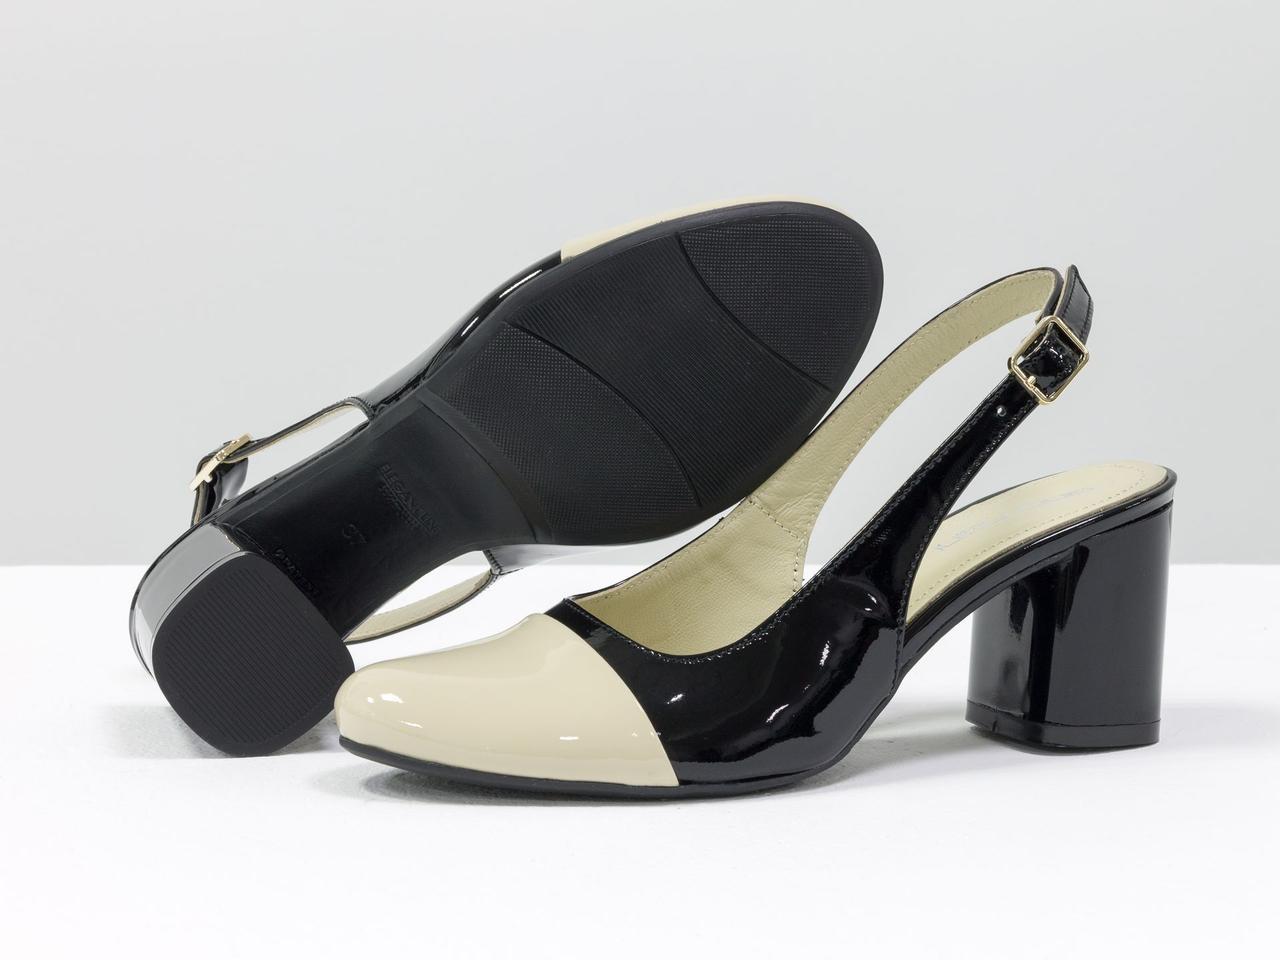 Женские туфли с открытой пяткой из натуральной итальянской лаковой кожи - фото 1